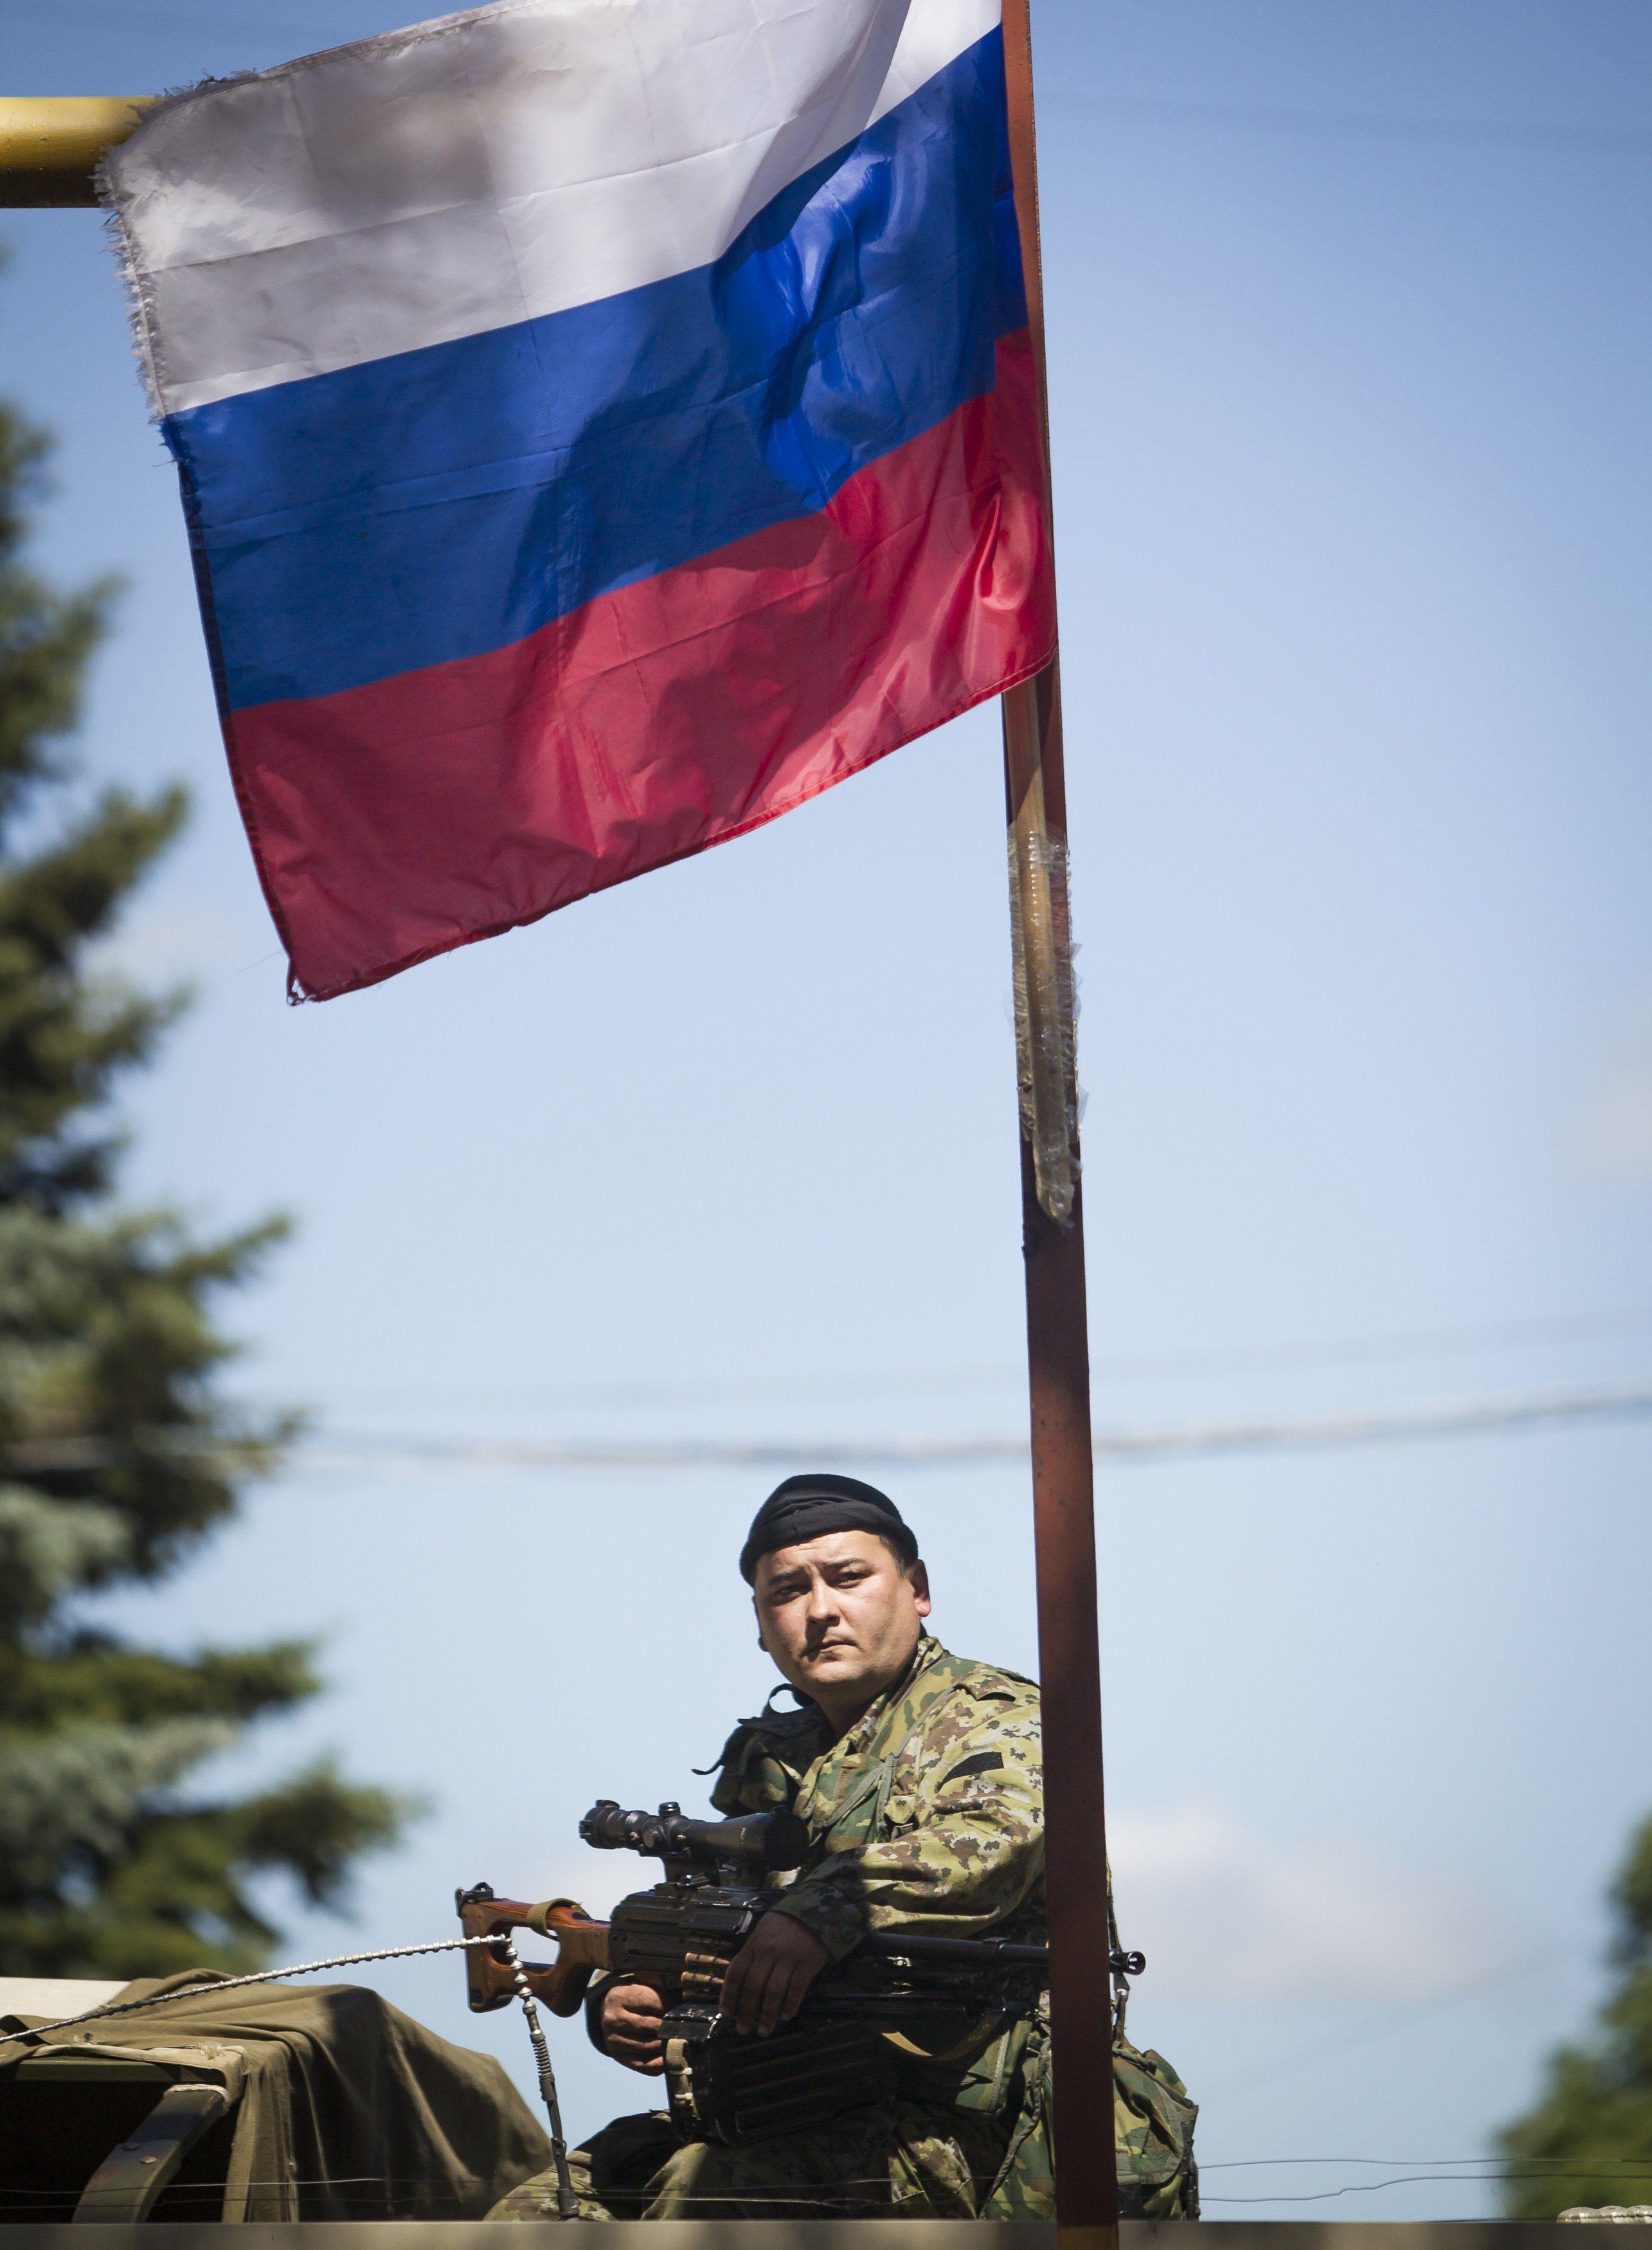 Российская газета опубликовала кремлевский сценарий по захвату Украину